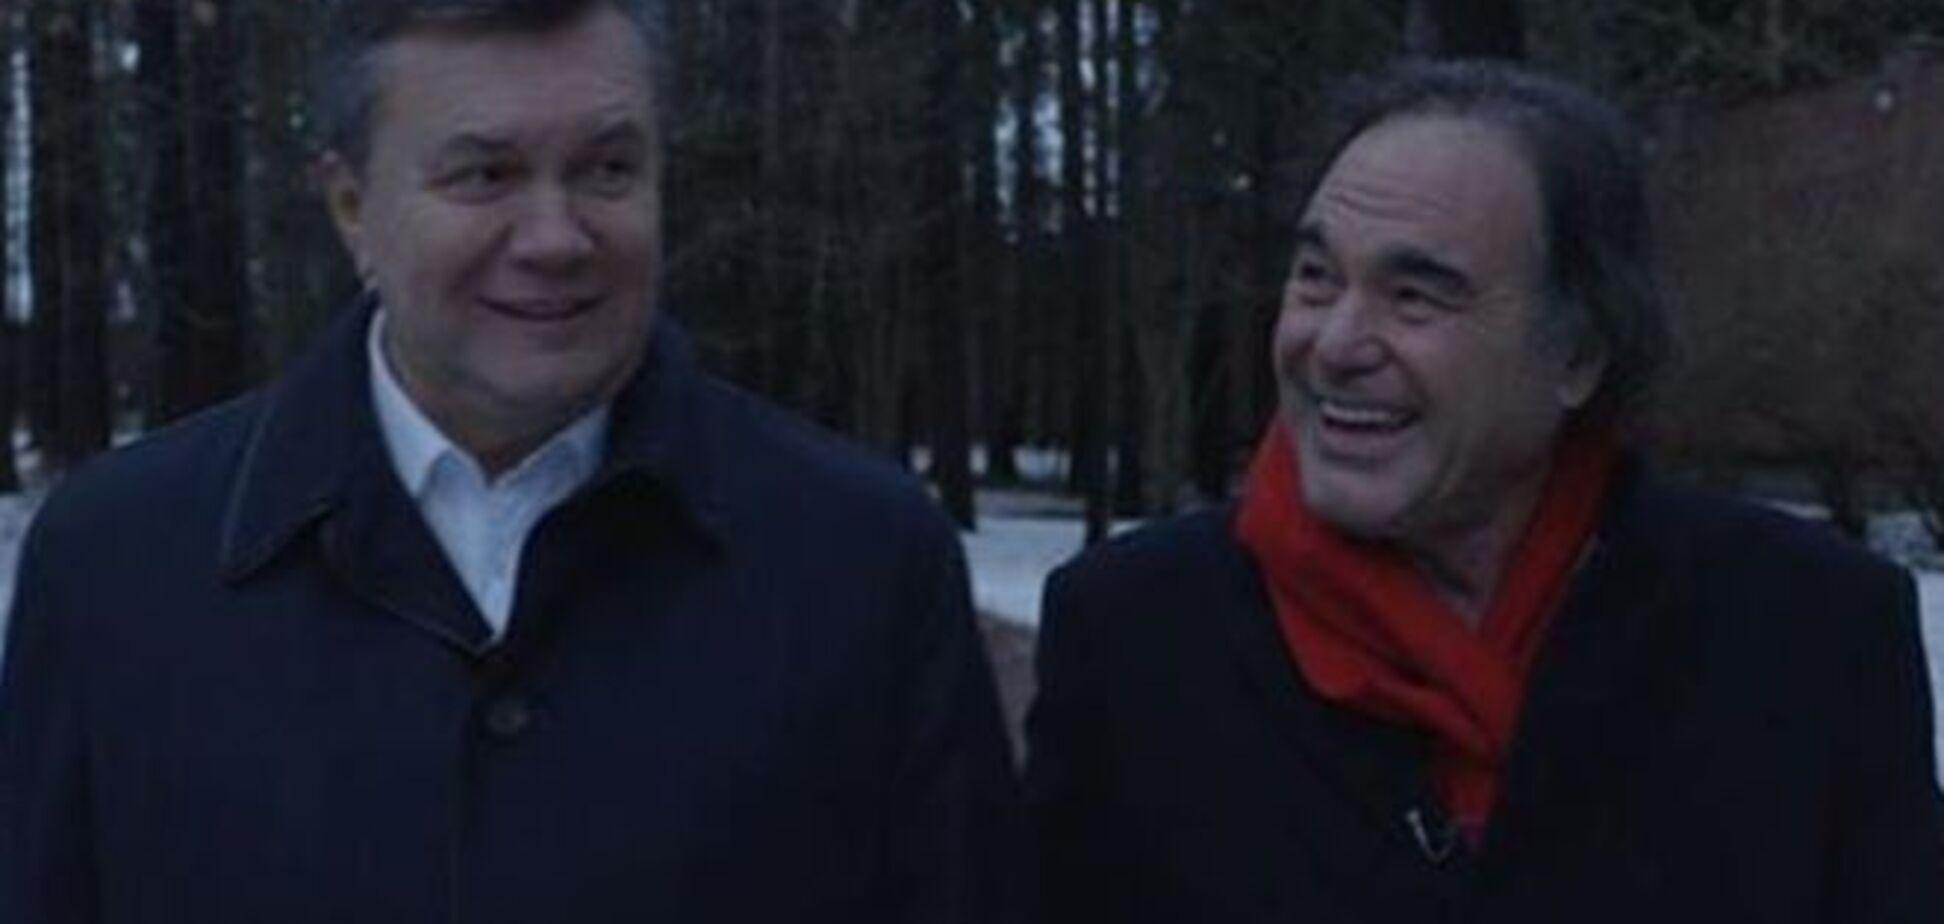 Известного режиссера хотят допросить из-за интервью с Януковичем